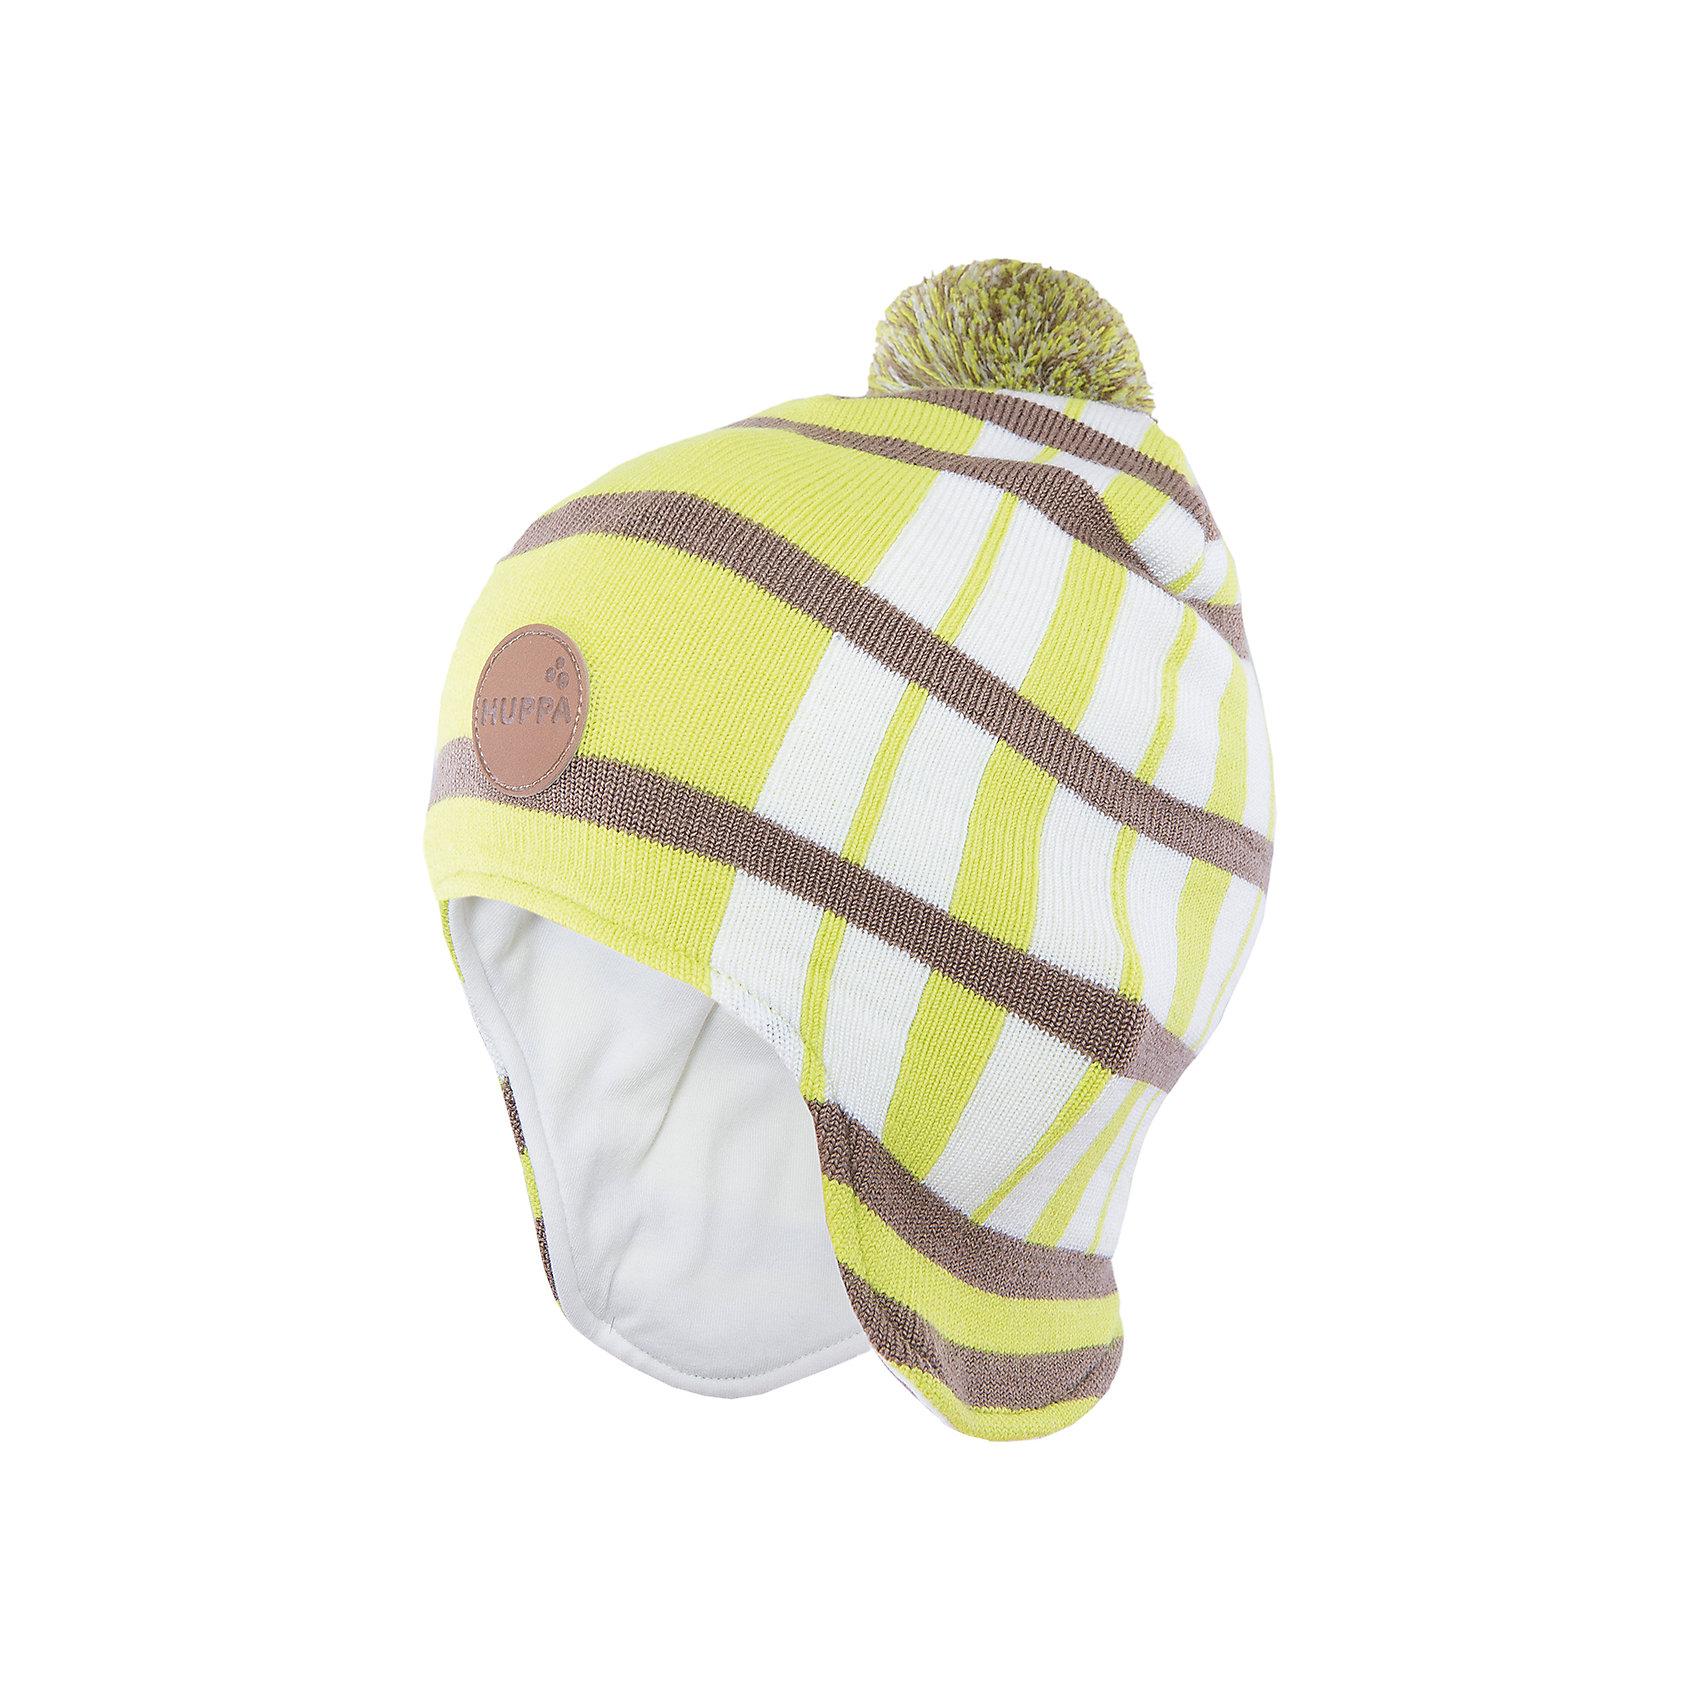 Шапка Windy HuppaУдлиненная вязаная шапка Windy от Huppa(Хуппа) изготовлена из шерсти мериноса и акрила. Она отлично сохраняет тепло, надежно закрывает уши и не вызывает раздражения на коже, благодаря подкладке из хлопка. Шапка имеет рисунок с полосками, помпон и эмблему фирмы спереди. В этой шапочке ребенку несомненно будет очень тепло и комфортно!<br><br>Дополнительная информация:<br>Цвет: салатовый<br>Материал:  100% полиэстер<br>Подкладка: трикотаж - 100% хлопок<br><br>Шапку Huppa(Хуппа) вы можете приобрести в нашем интернет-магазине.<br><br>Ширина мм: 89<br>Глубина мм: 117<br>Высота мм: 44<br>Вес г: 155<br>Цвет: зеленый<br>Возраст от месяцев: 12<br>Возраст до месяцев: 24<br>Пол: Мужской<br>Возраст: Детский<br>Размер: 47-49,55-57,51-53<br>SKU: 4923545